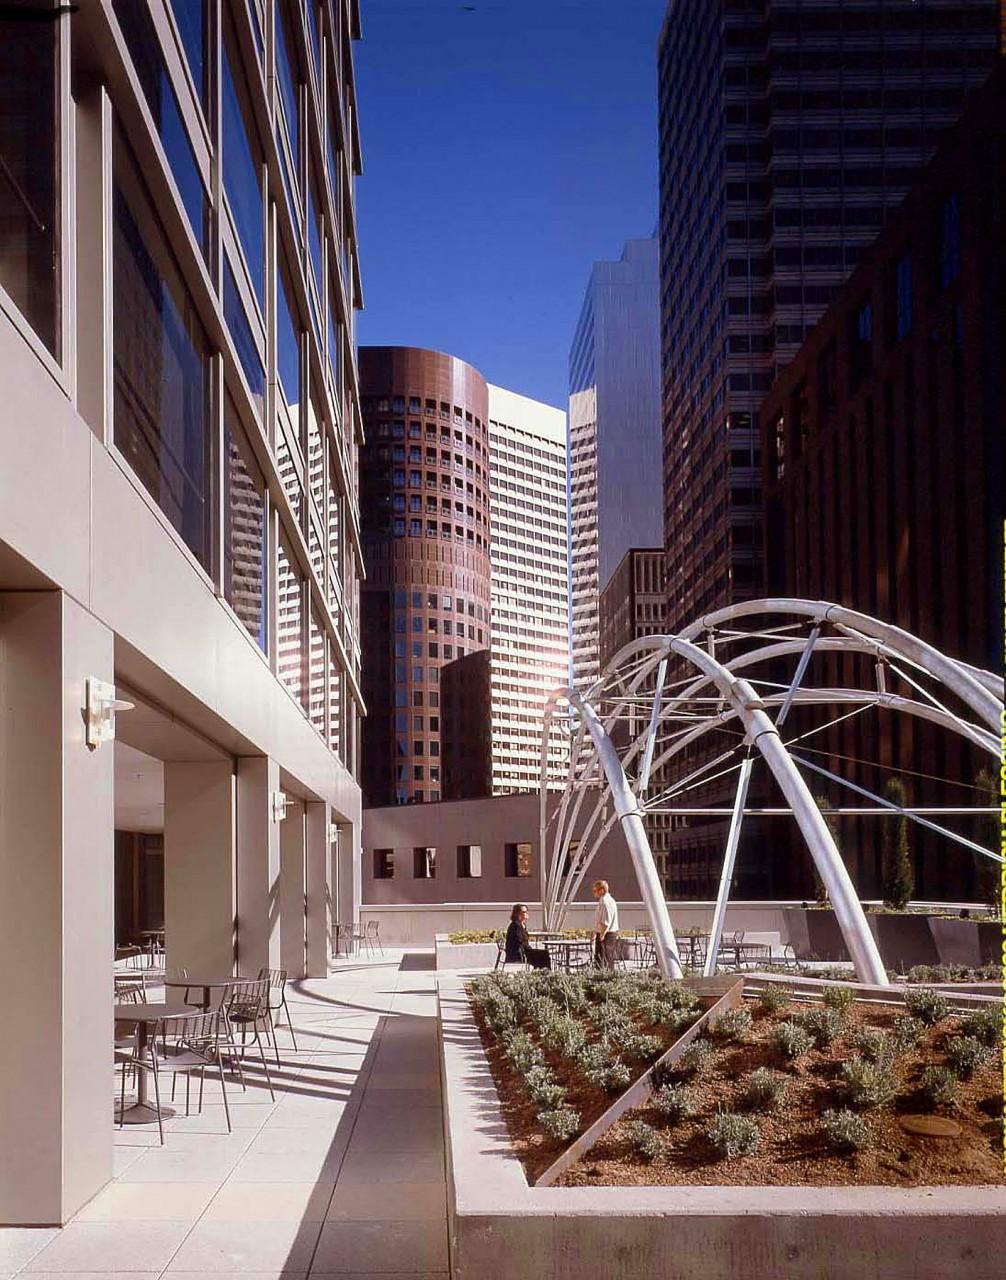 150 California, San Francisco, California / image 1